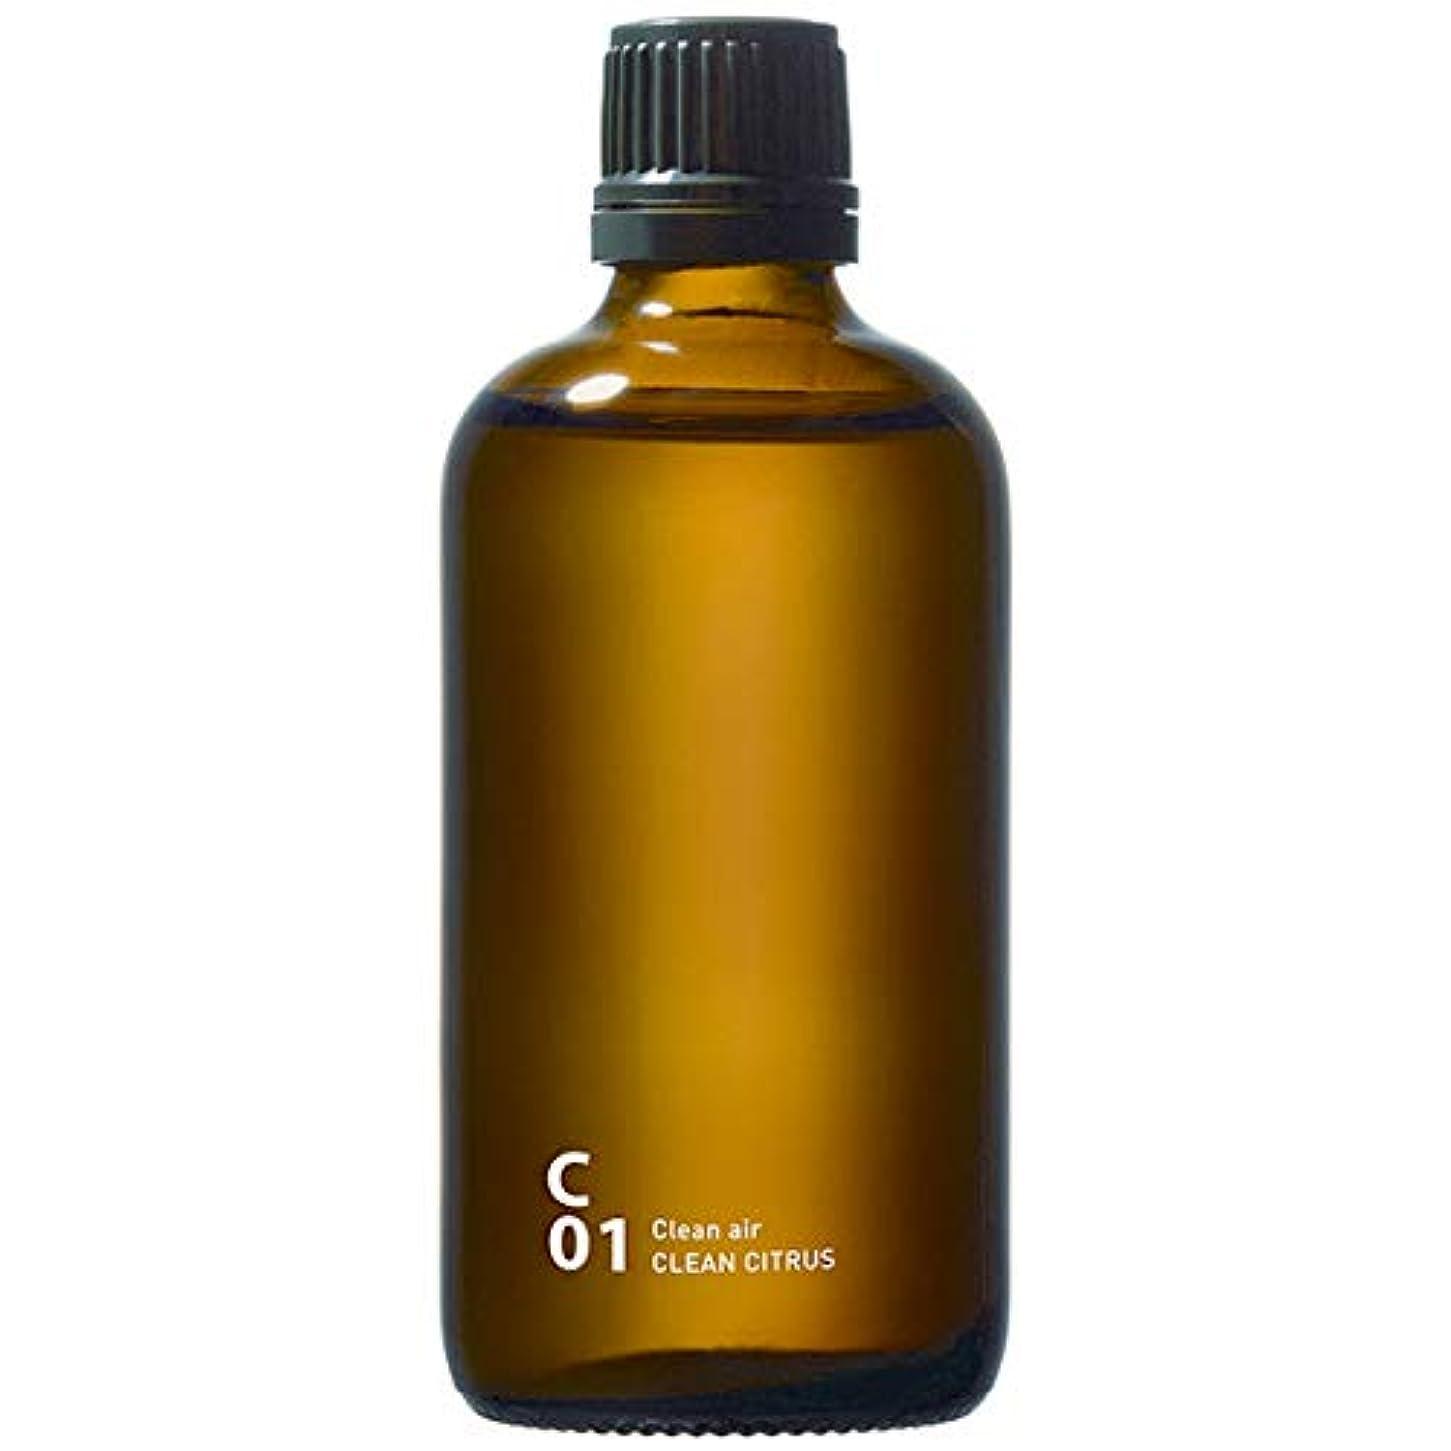 予防接種する見つけるキャンプC01 CLEAN CITRUS piezo aroma oil 100ml